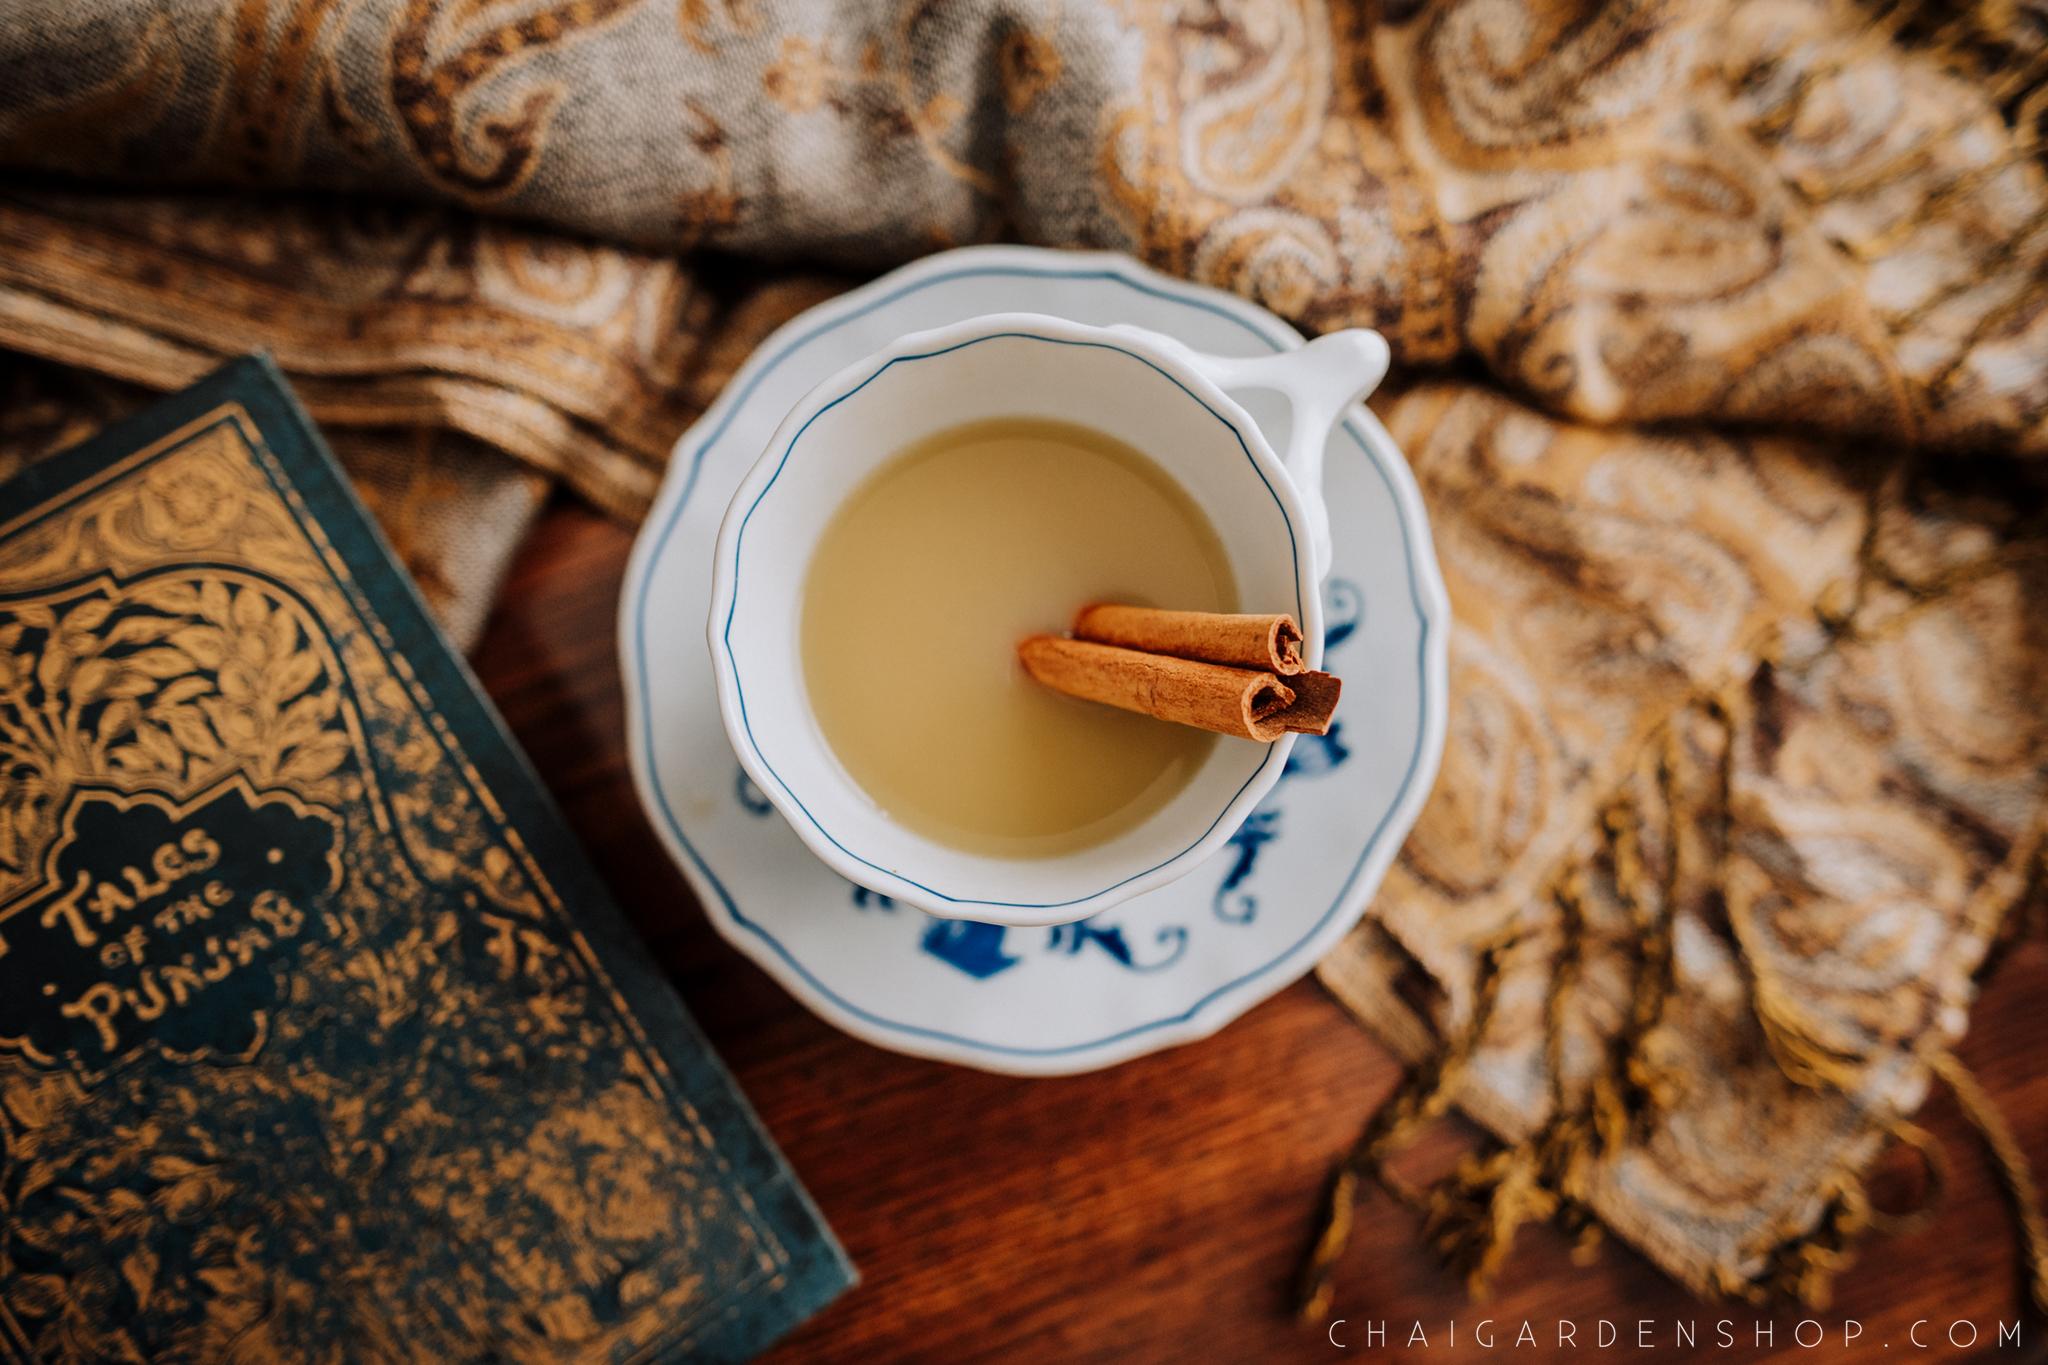 authentic chai recipe, chai with cinnamon stick, blue danube, organic chai